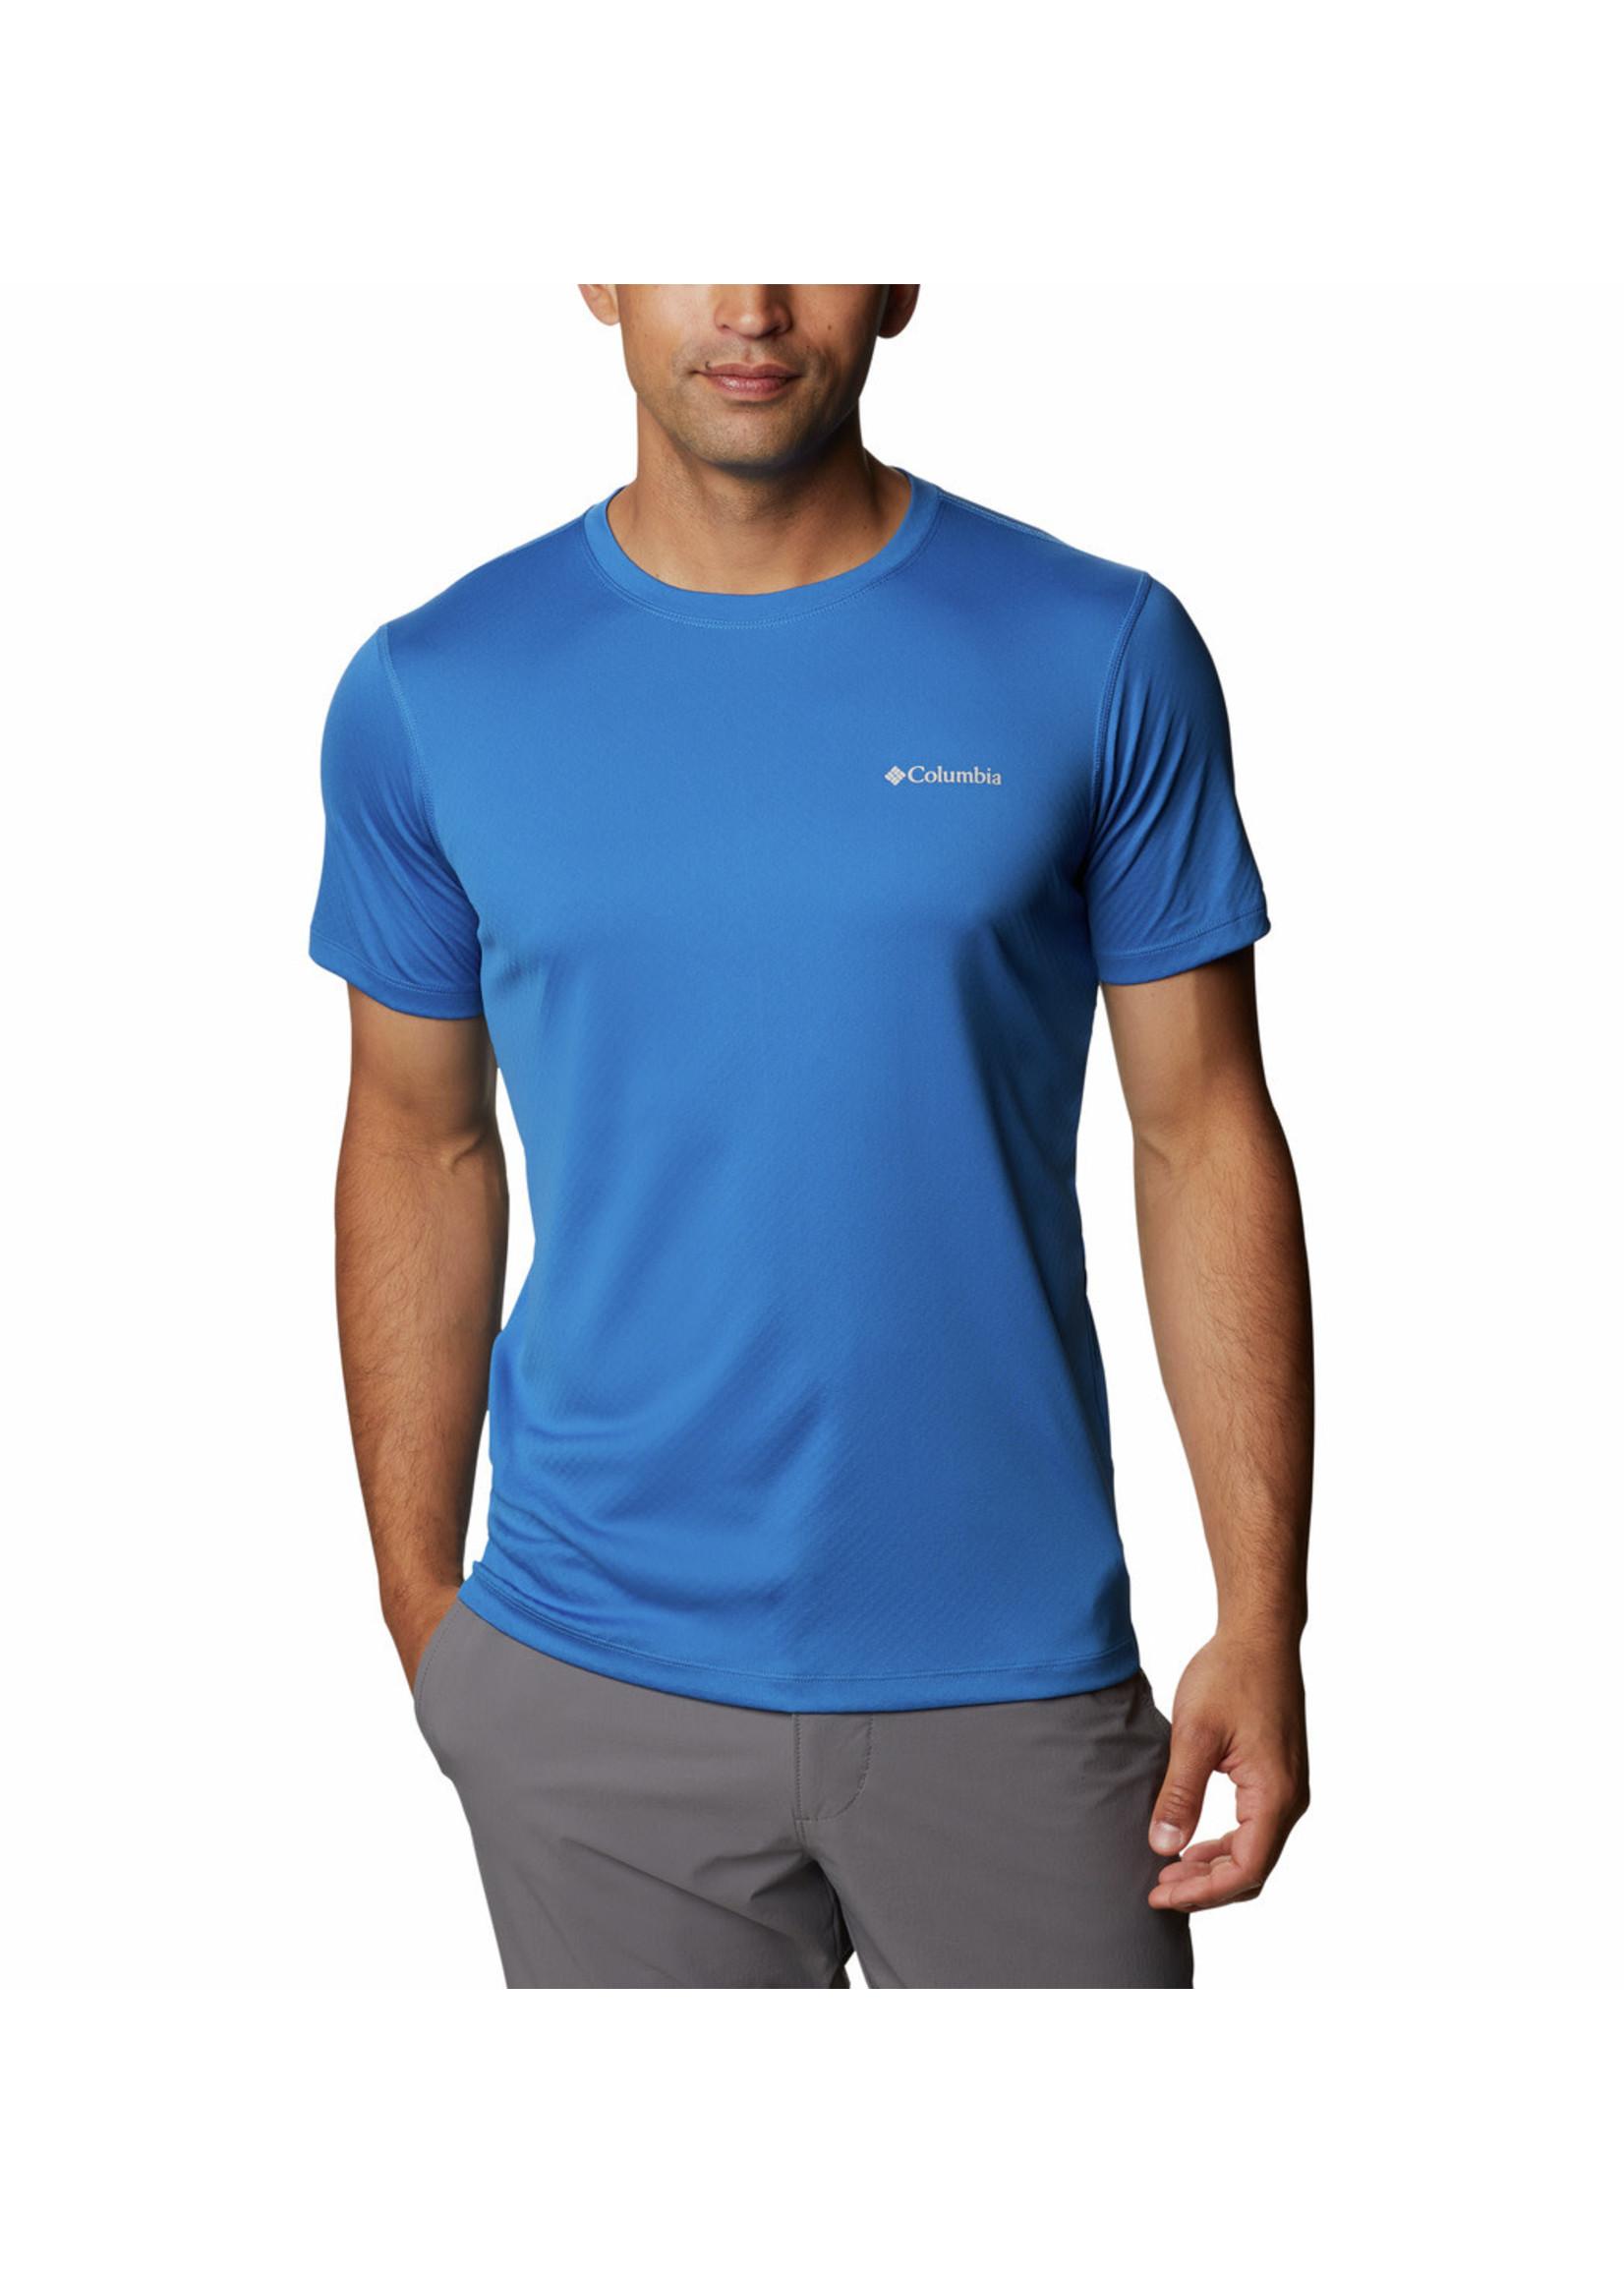 COLUMBIA T-shirt Zero Rules